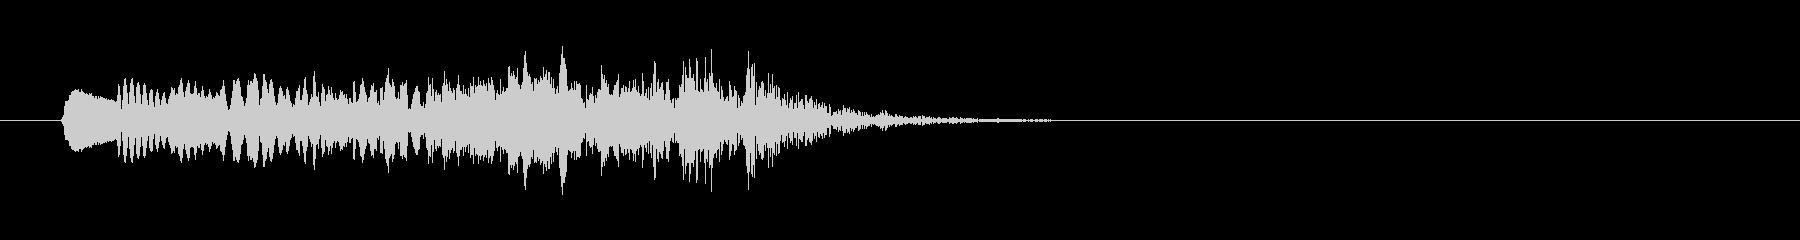 漫画ピアノグリスダウンの未再生の波形